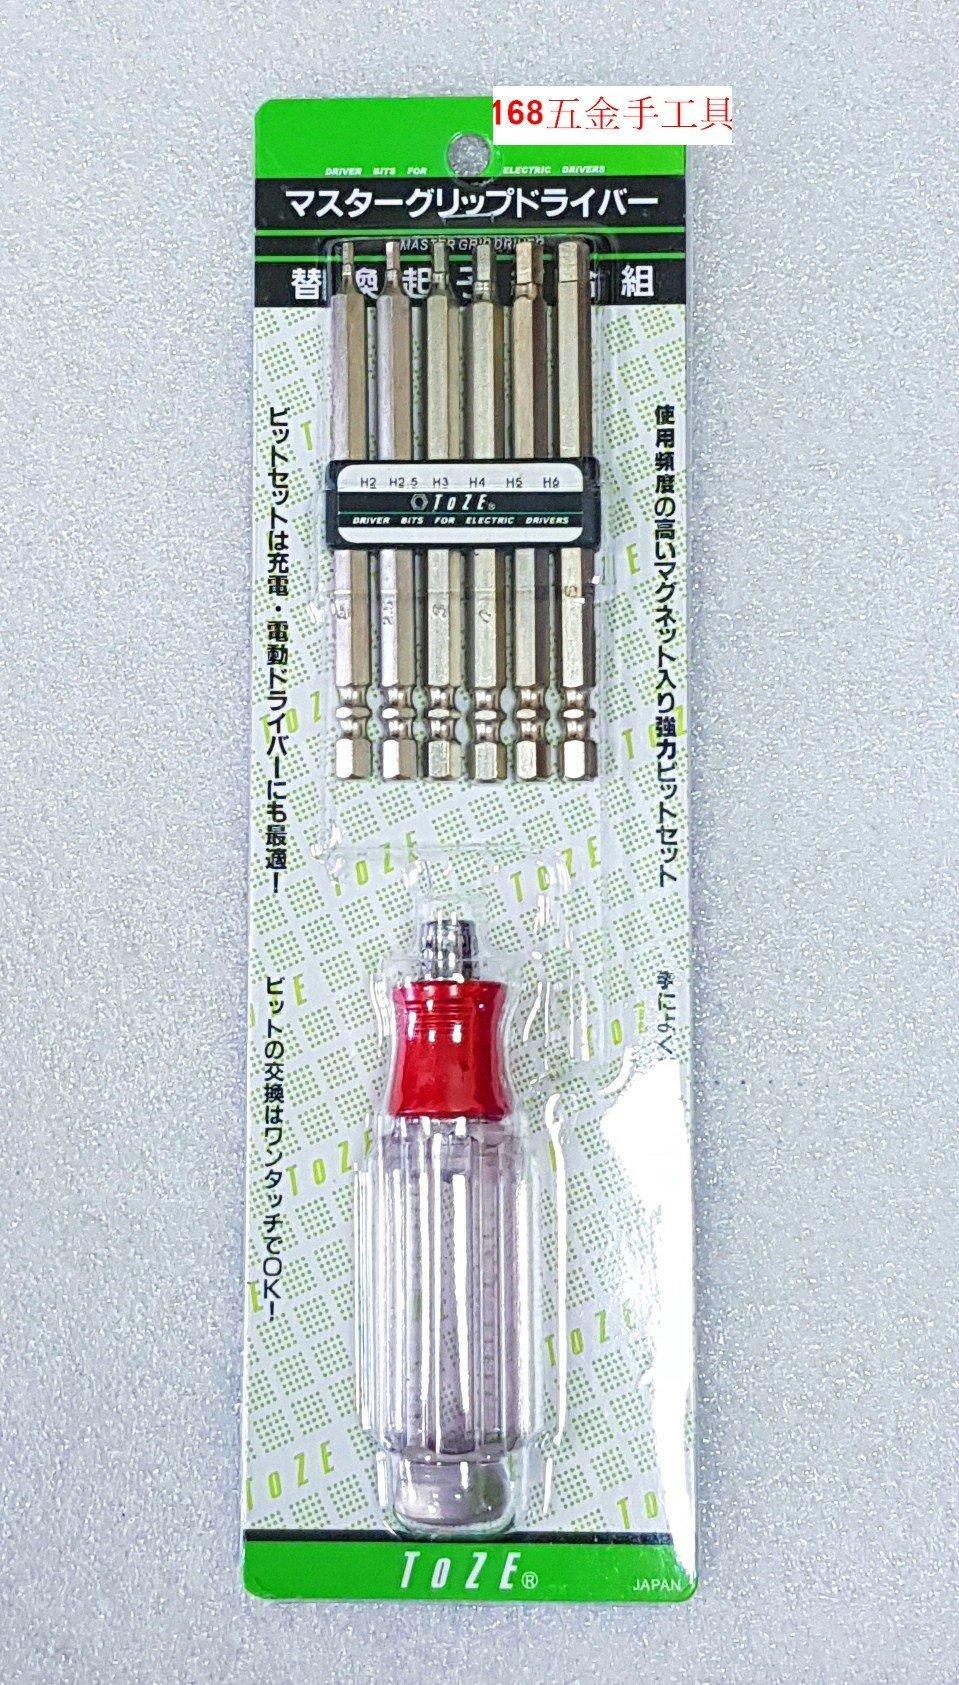 ~168 具~綜合起子AR-70.六角型綜合起子.螺絲起子組.氣動起子機.電動起子機.